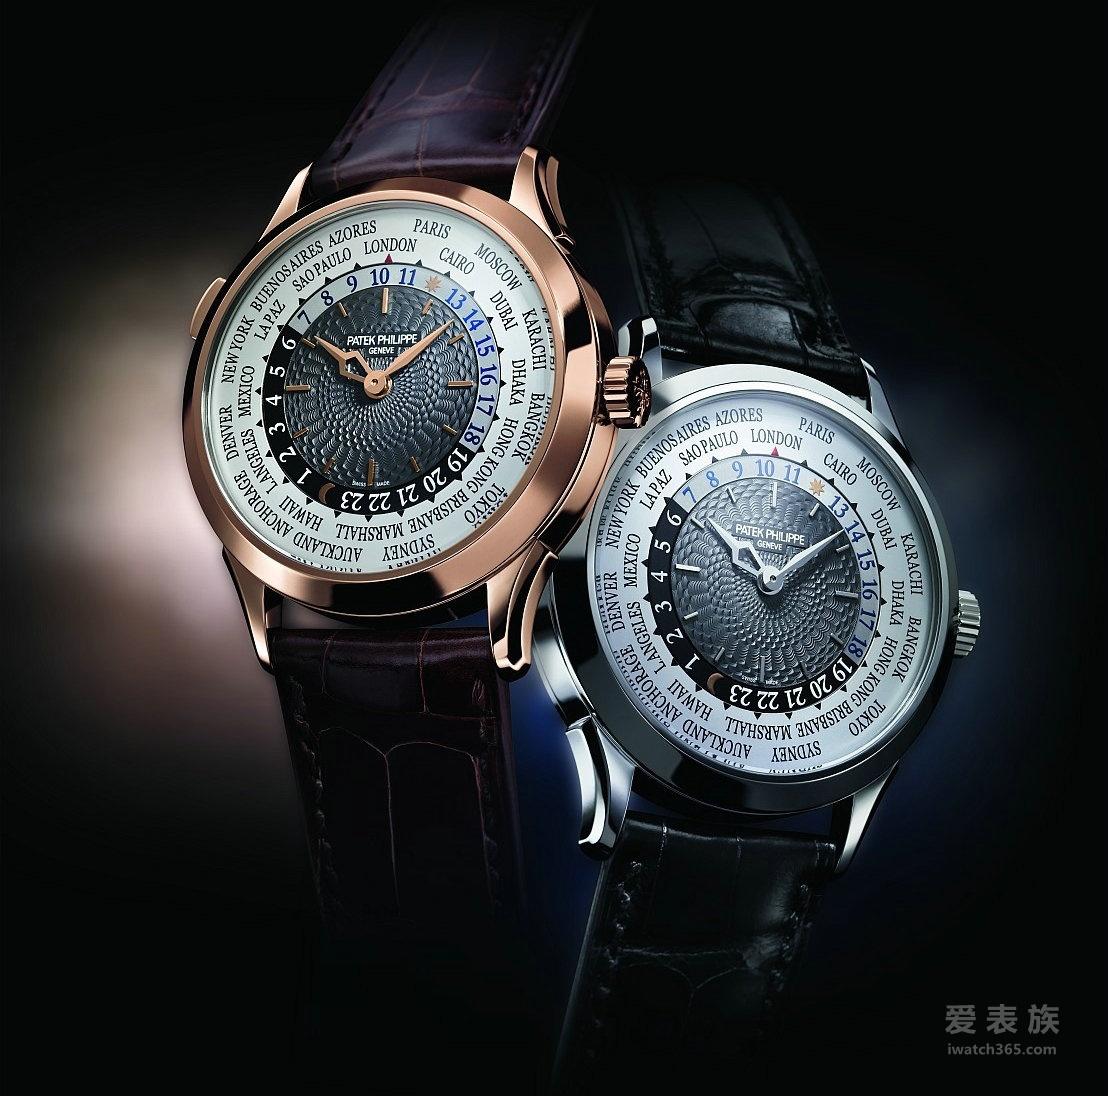 无畏时计的伟大探险:百达翡丽世界时间腕表与世界时间计时腕表